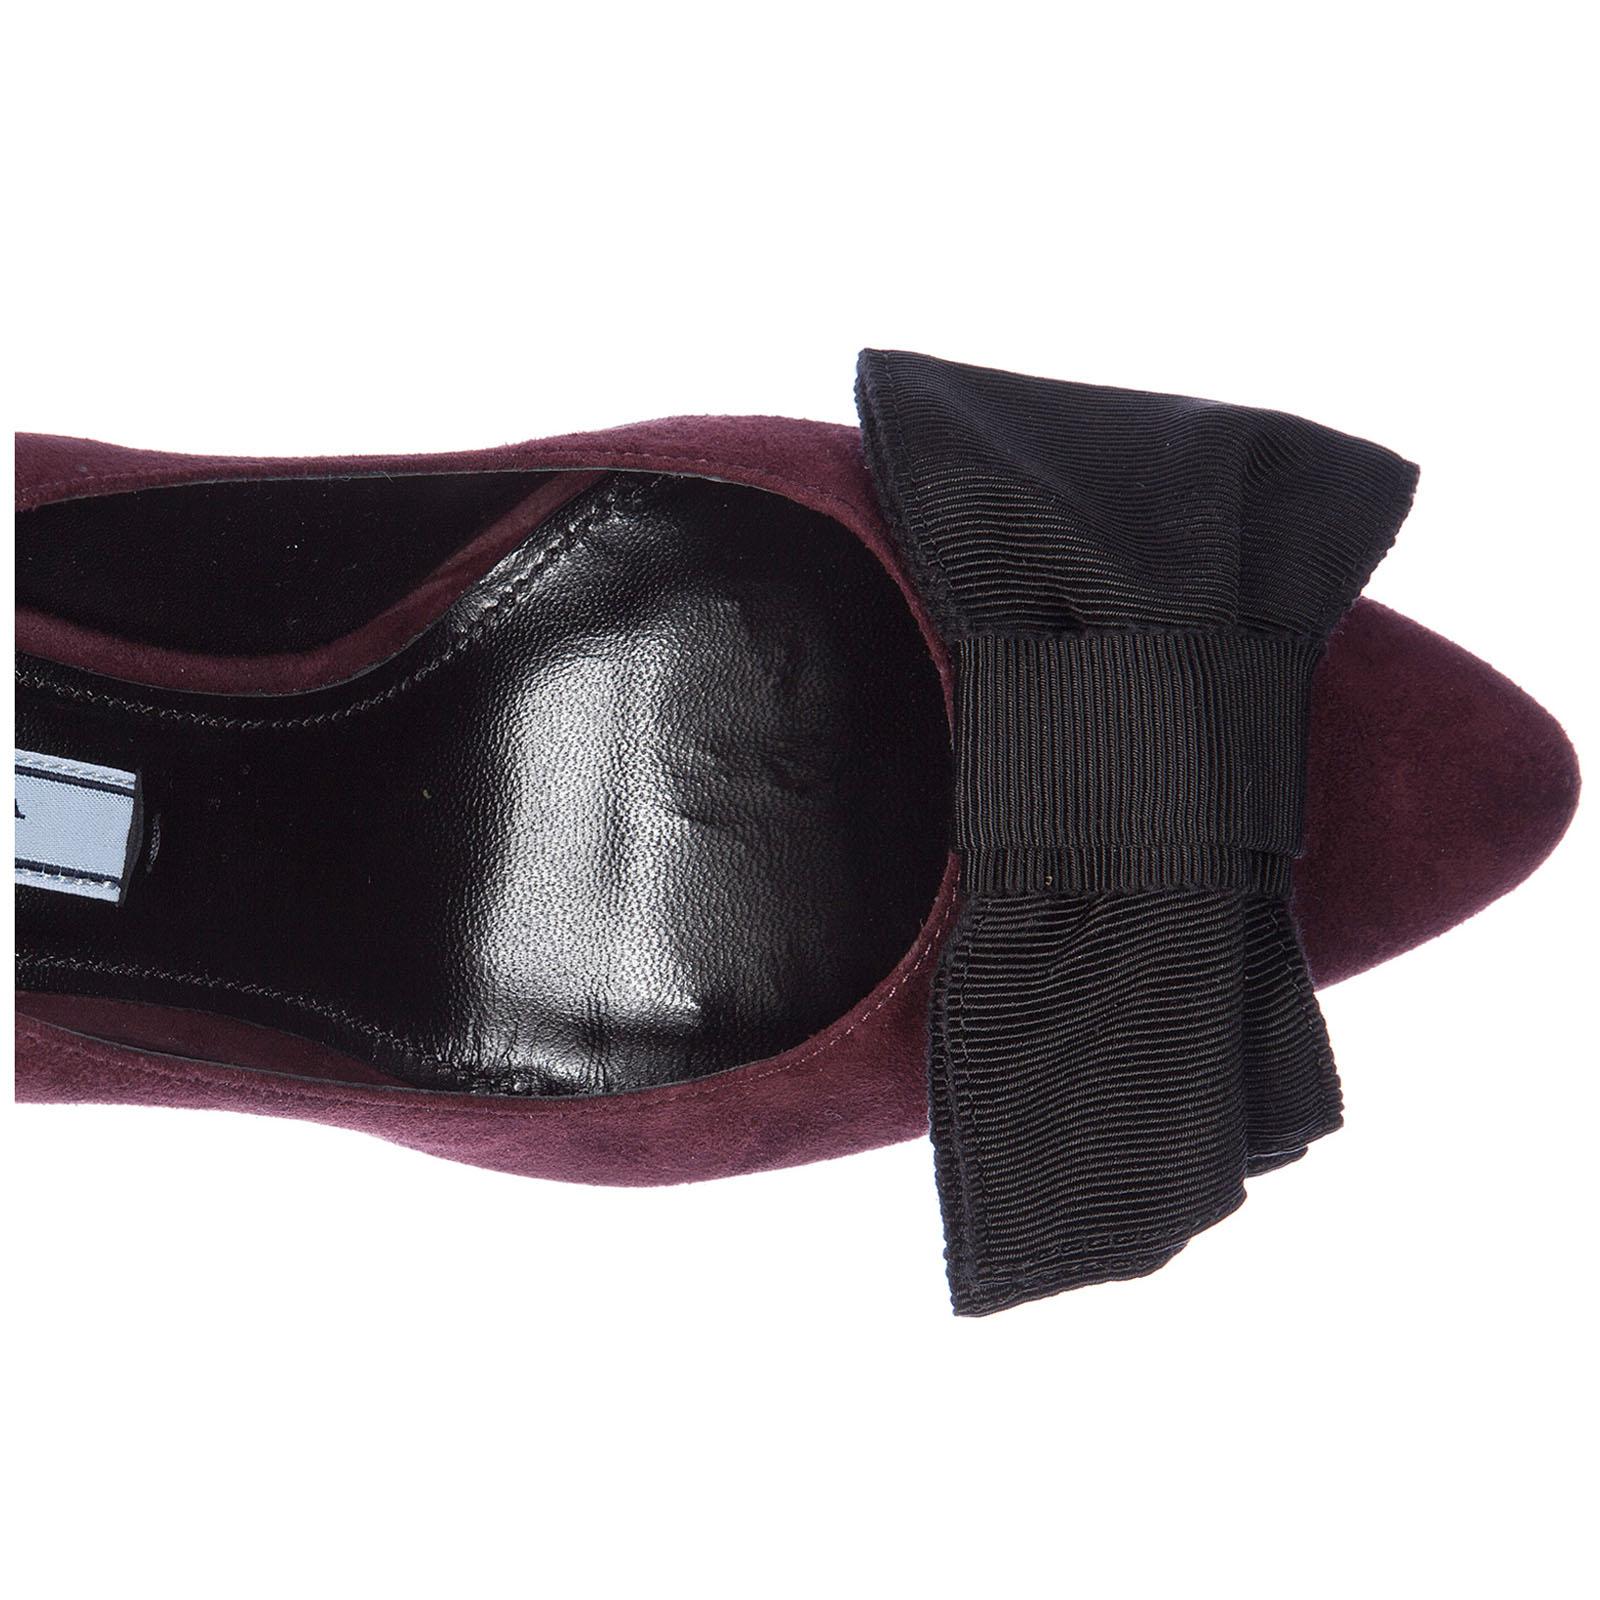 545db22634 ... Decolletes decoltè scarpe donna con tacco camoscio fiocco ...